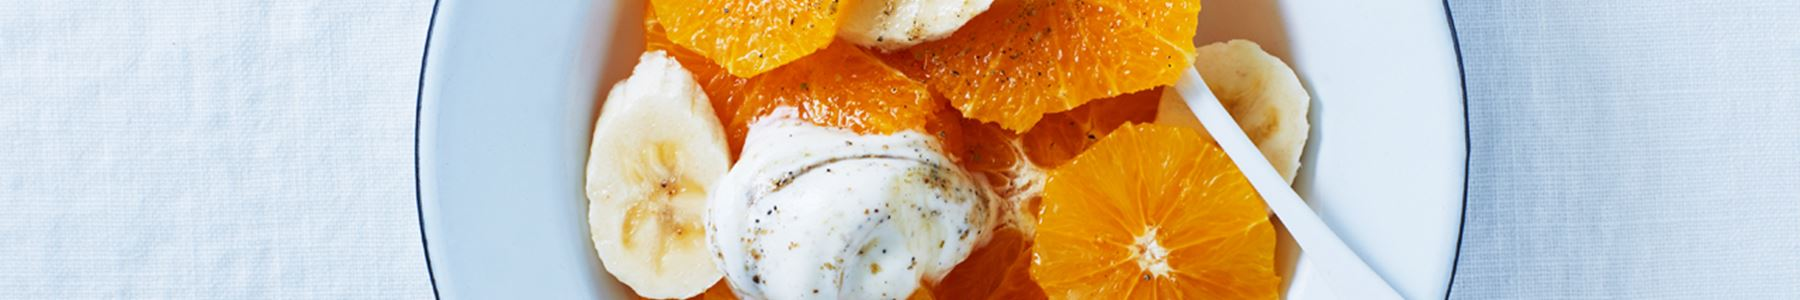 Billig + Apelsin + Mellanmål